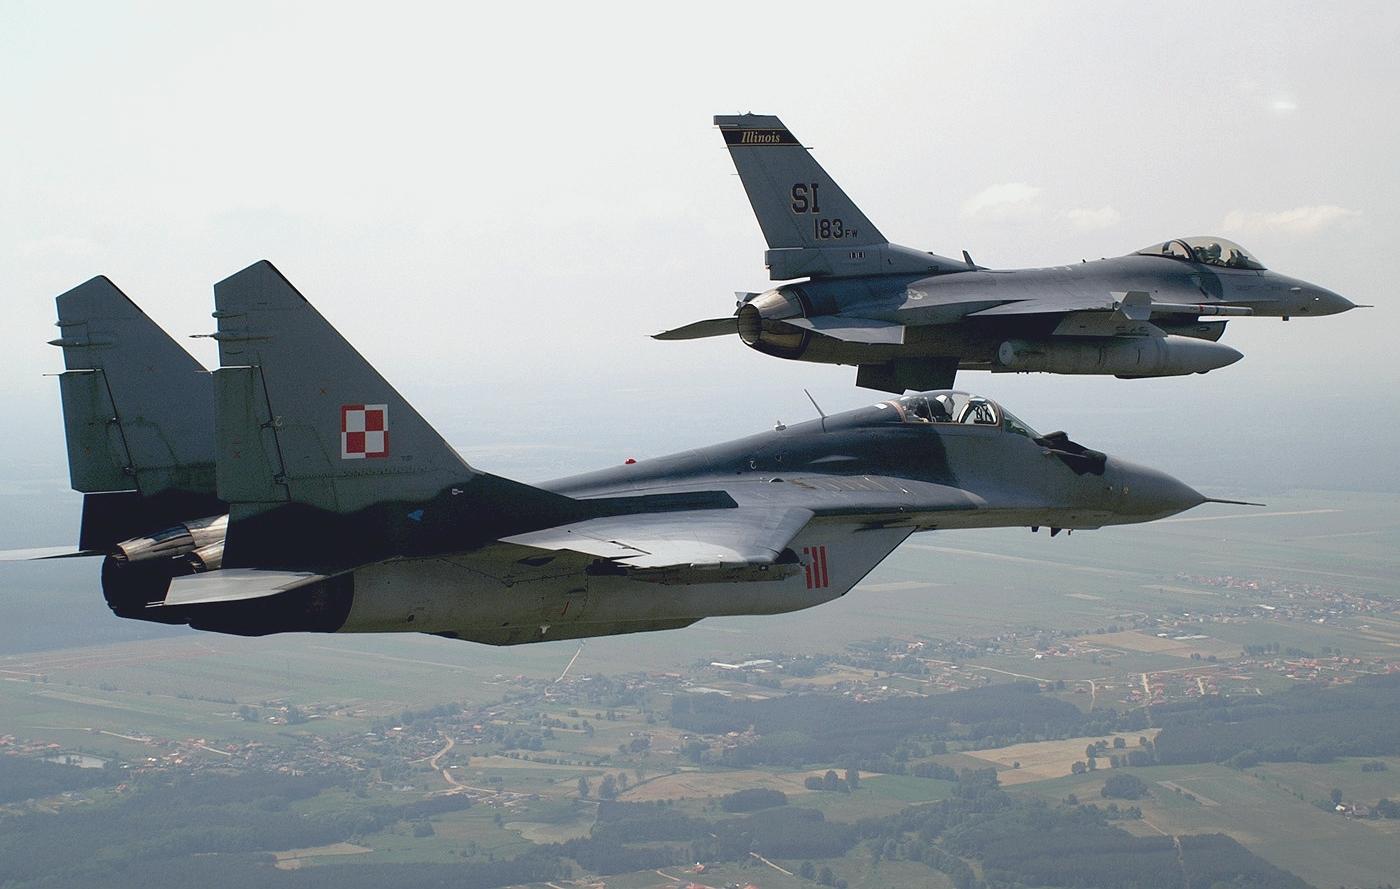 MiG 29 (航空機)の画像 p1_28